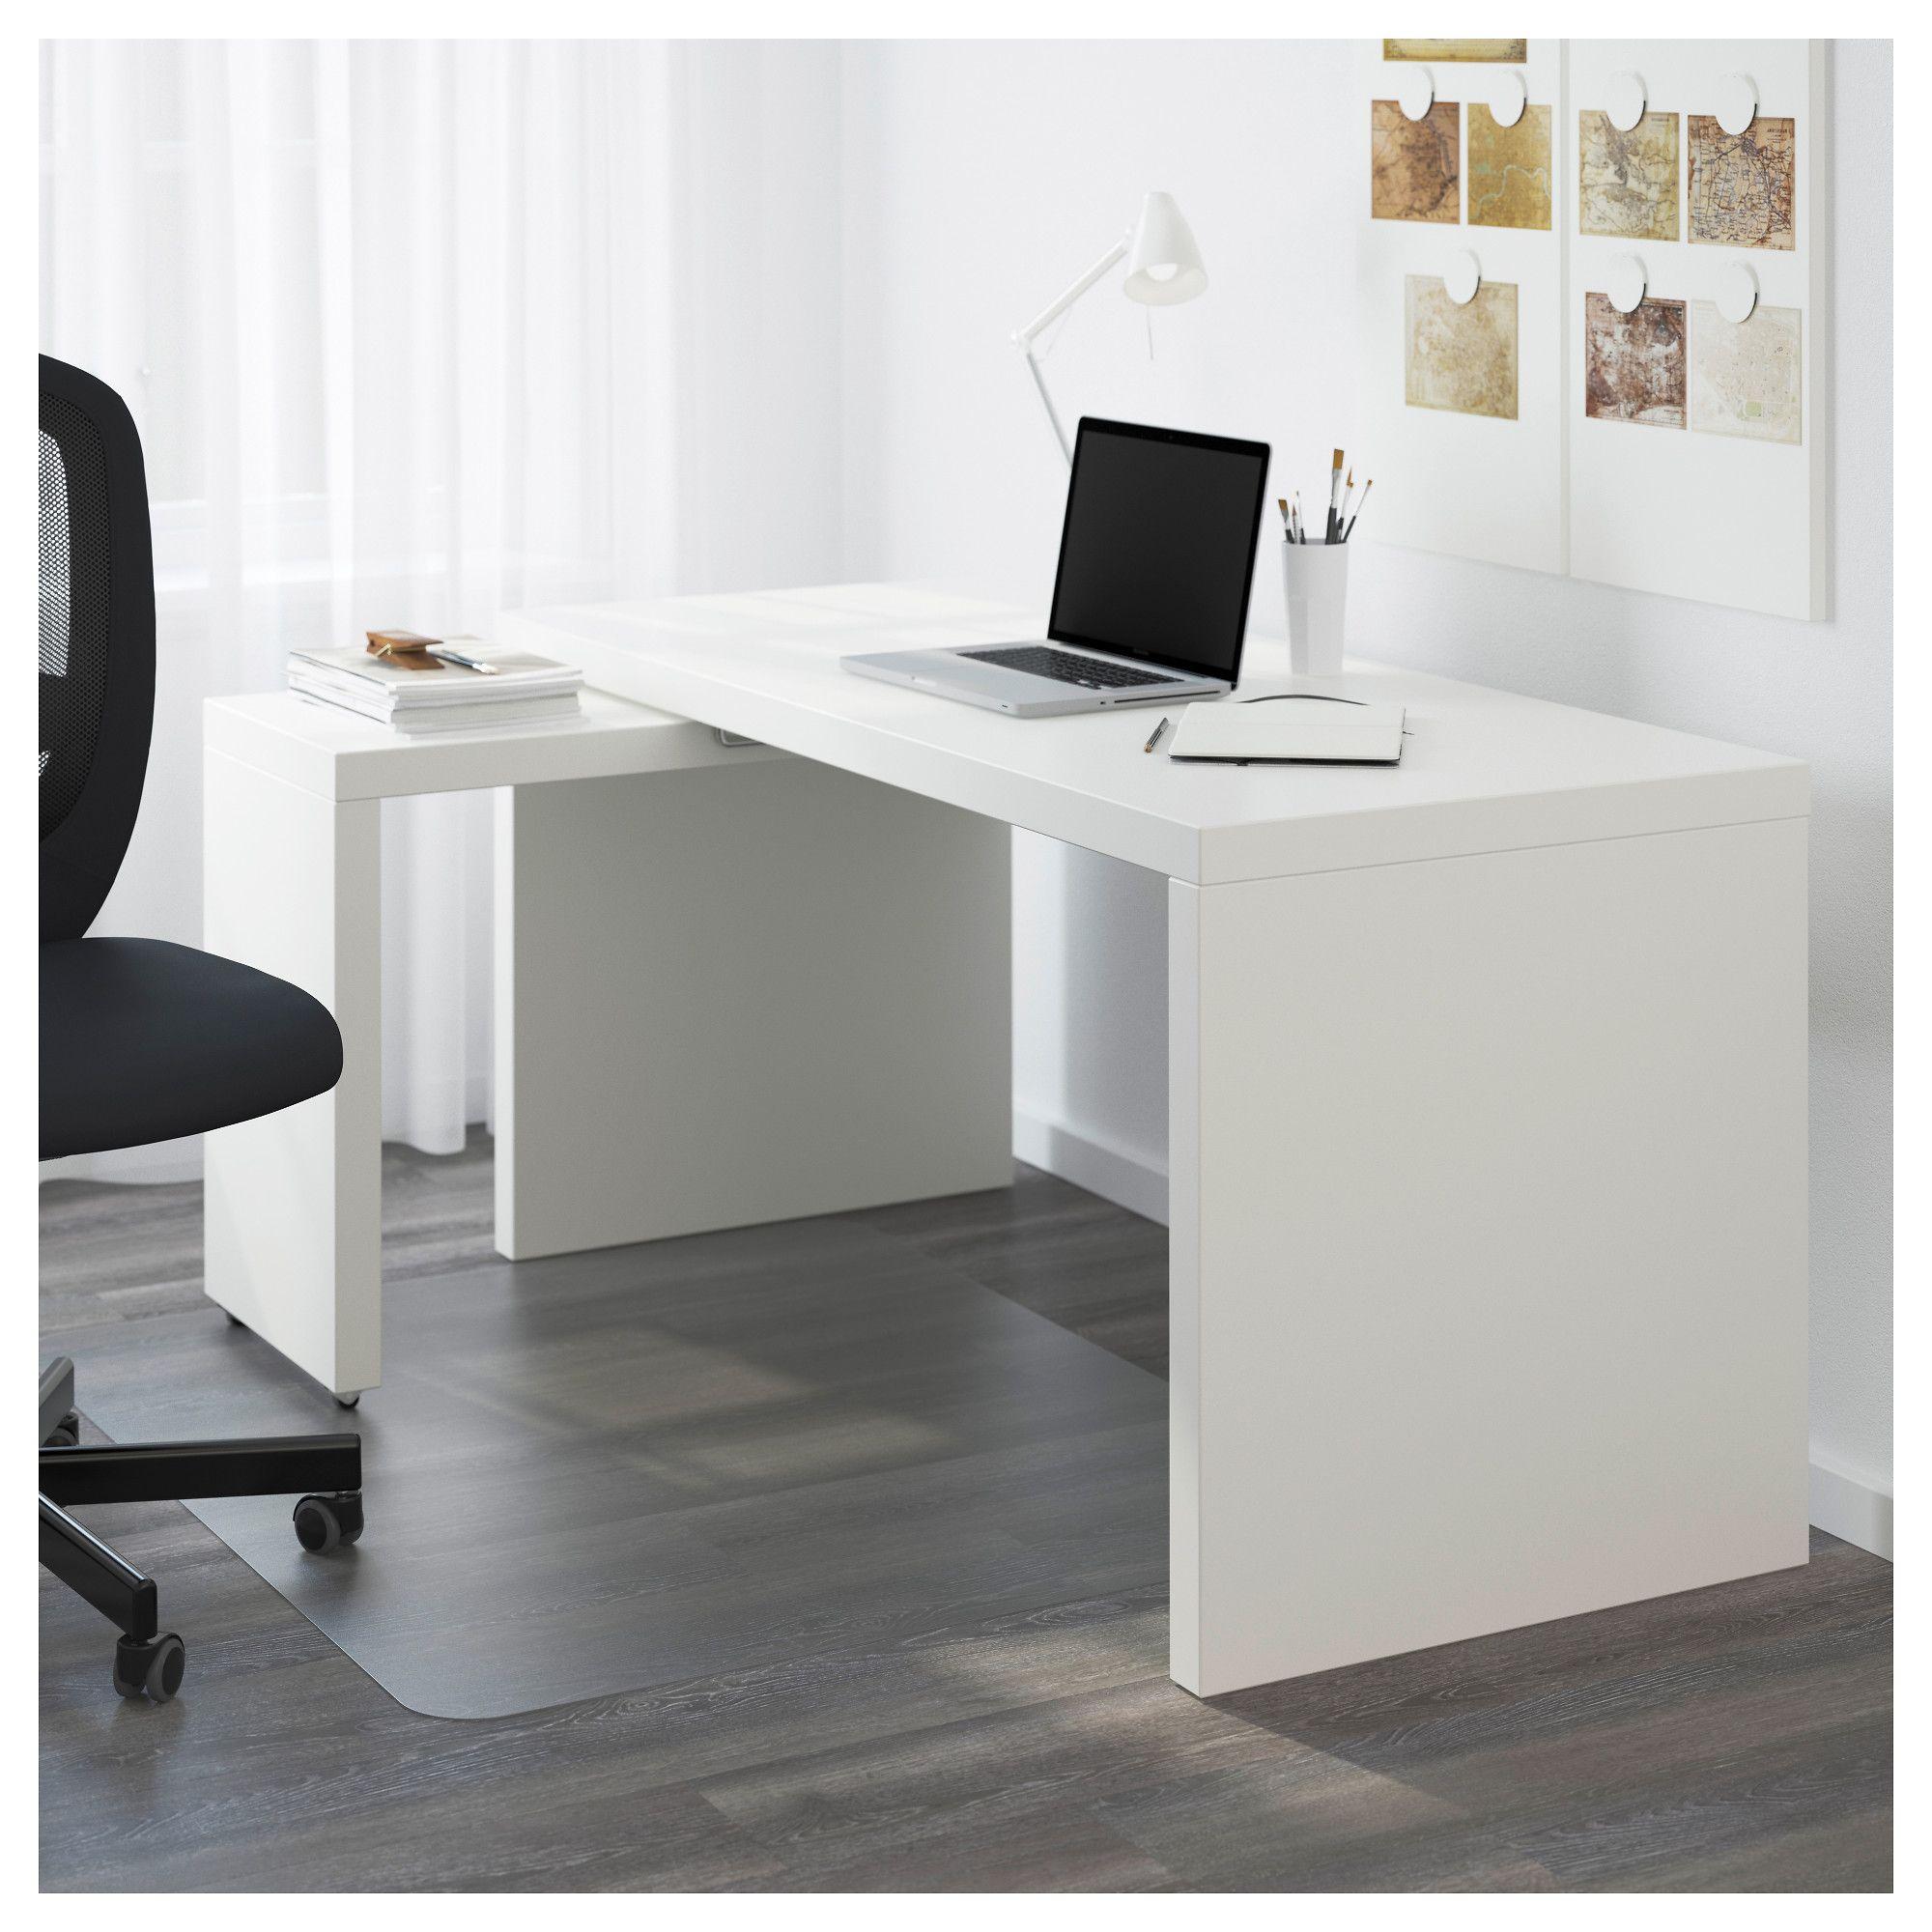 Malm Schreibtisch Mit Ausziehplatte Weiss Ikea Schweiz White